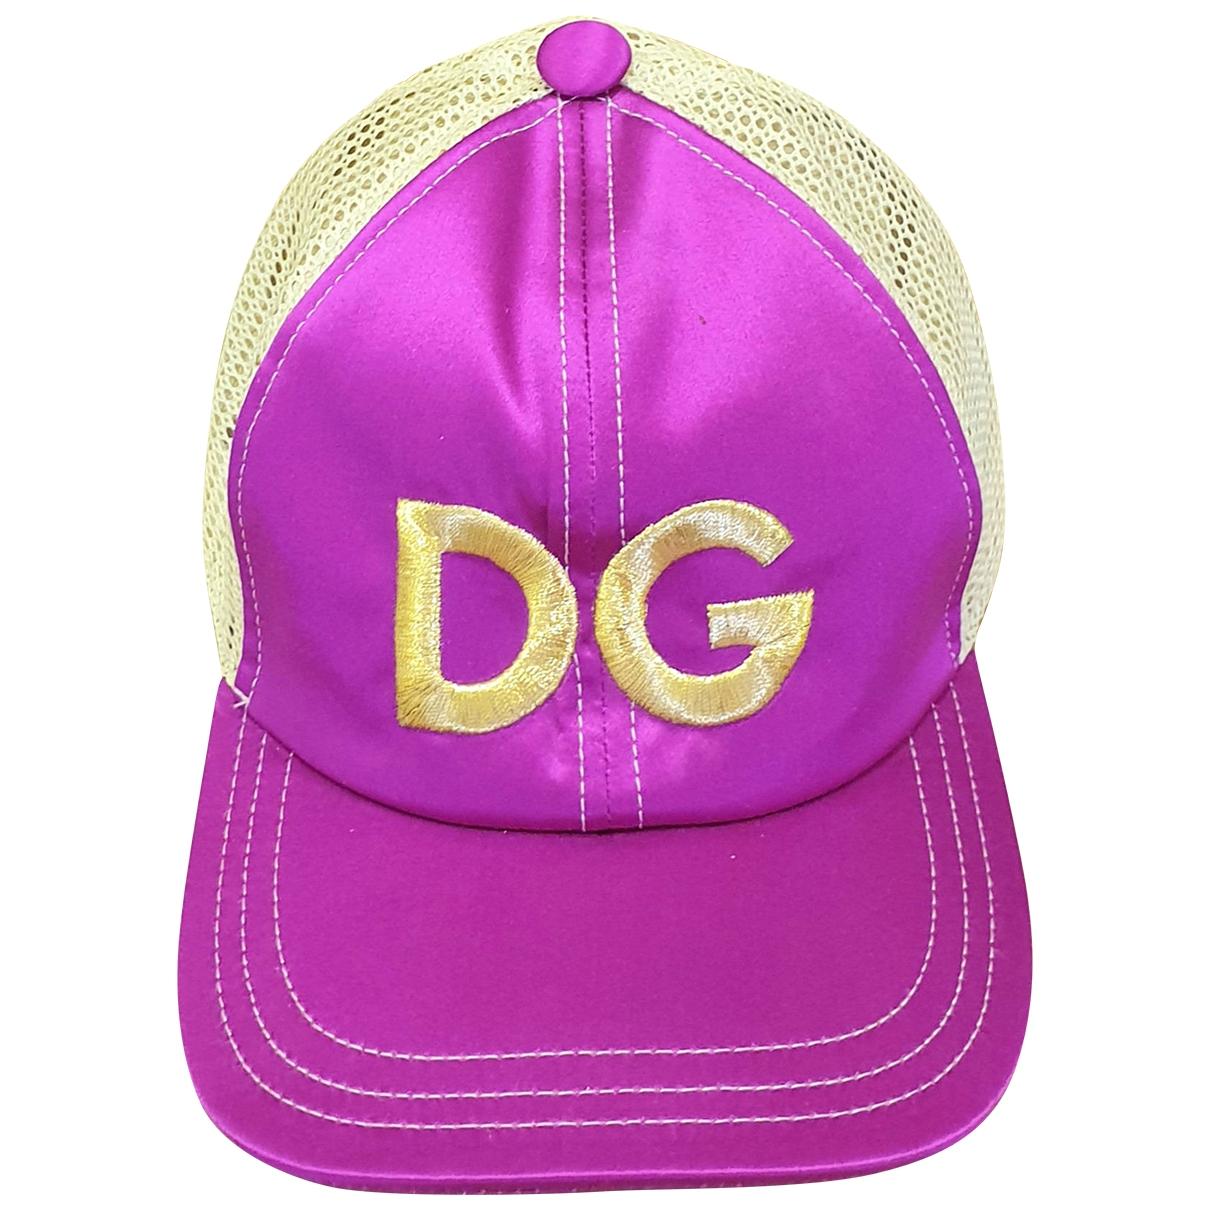 Dolce & Gabbana - Chapeau   pour femme en toile - violet